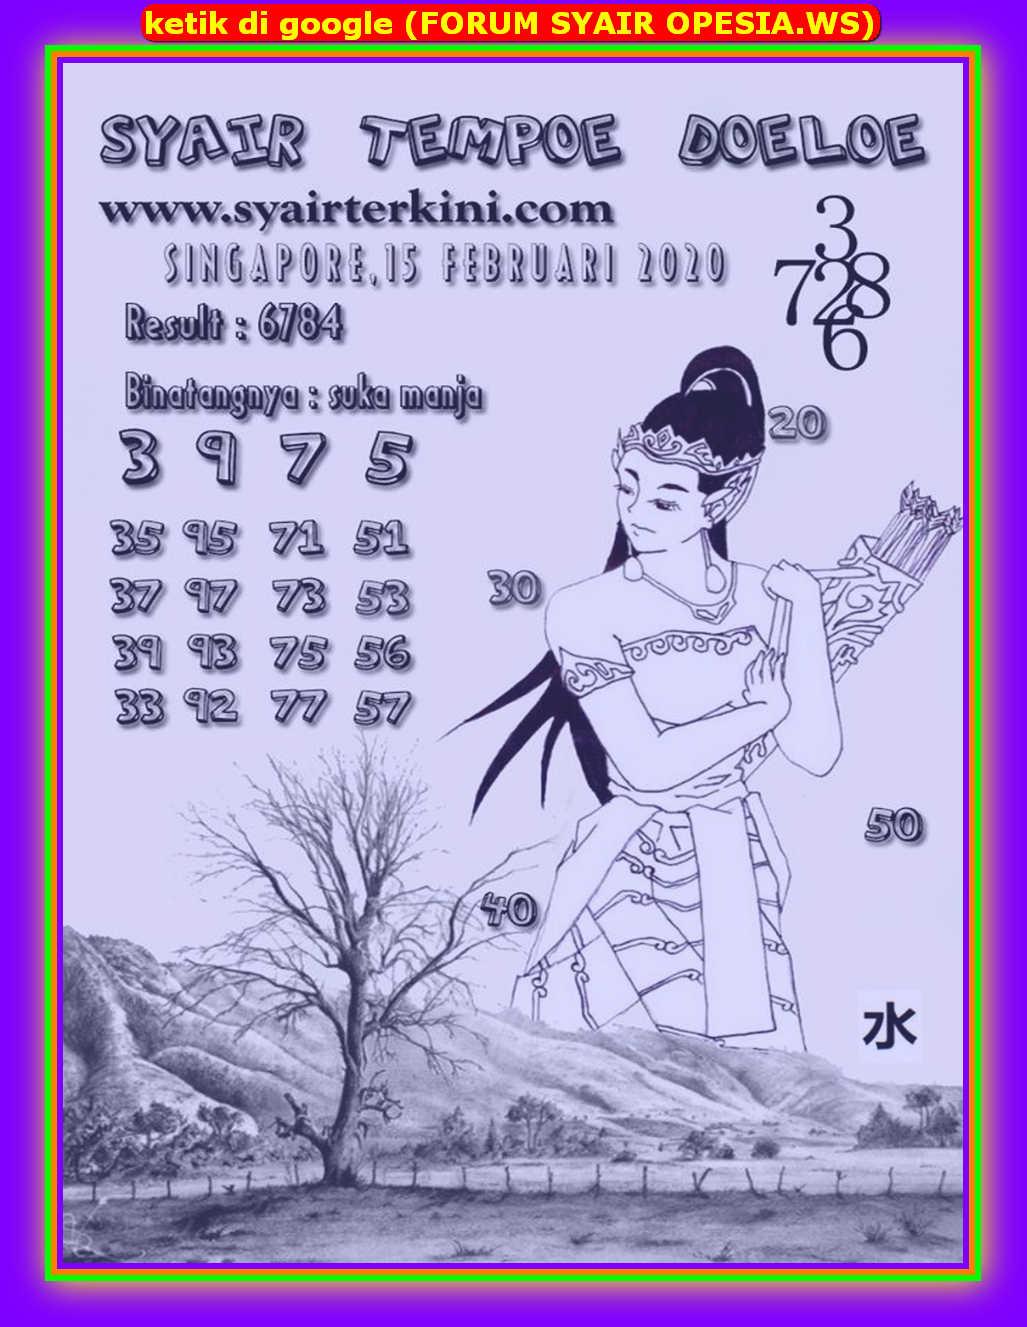 Kode syair Singapore Sabtu 15 Februari 2020 58